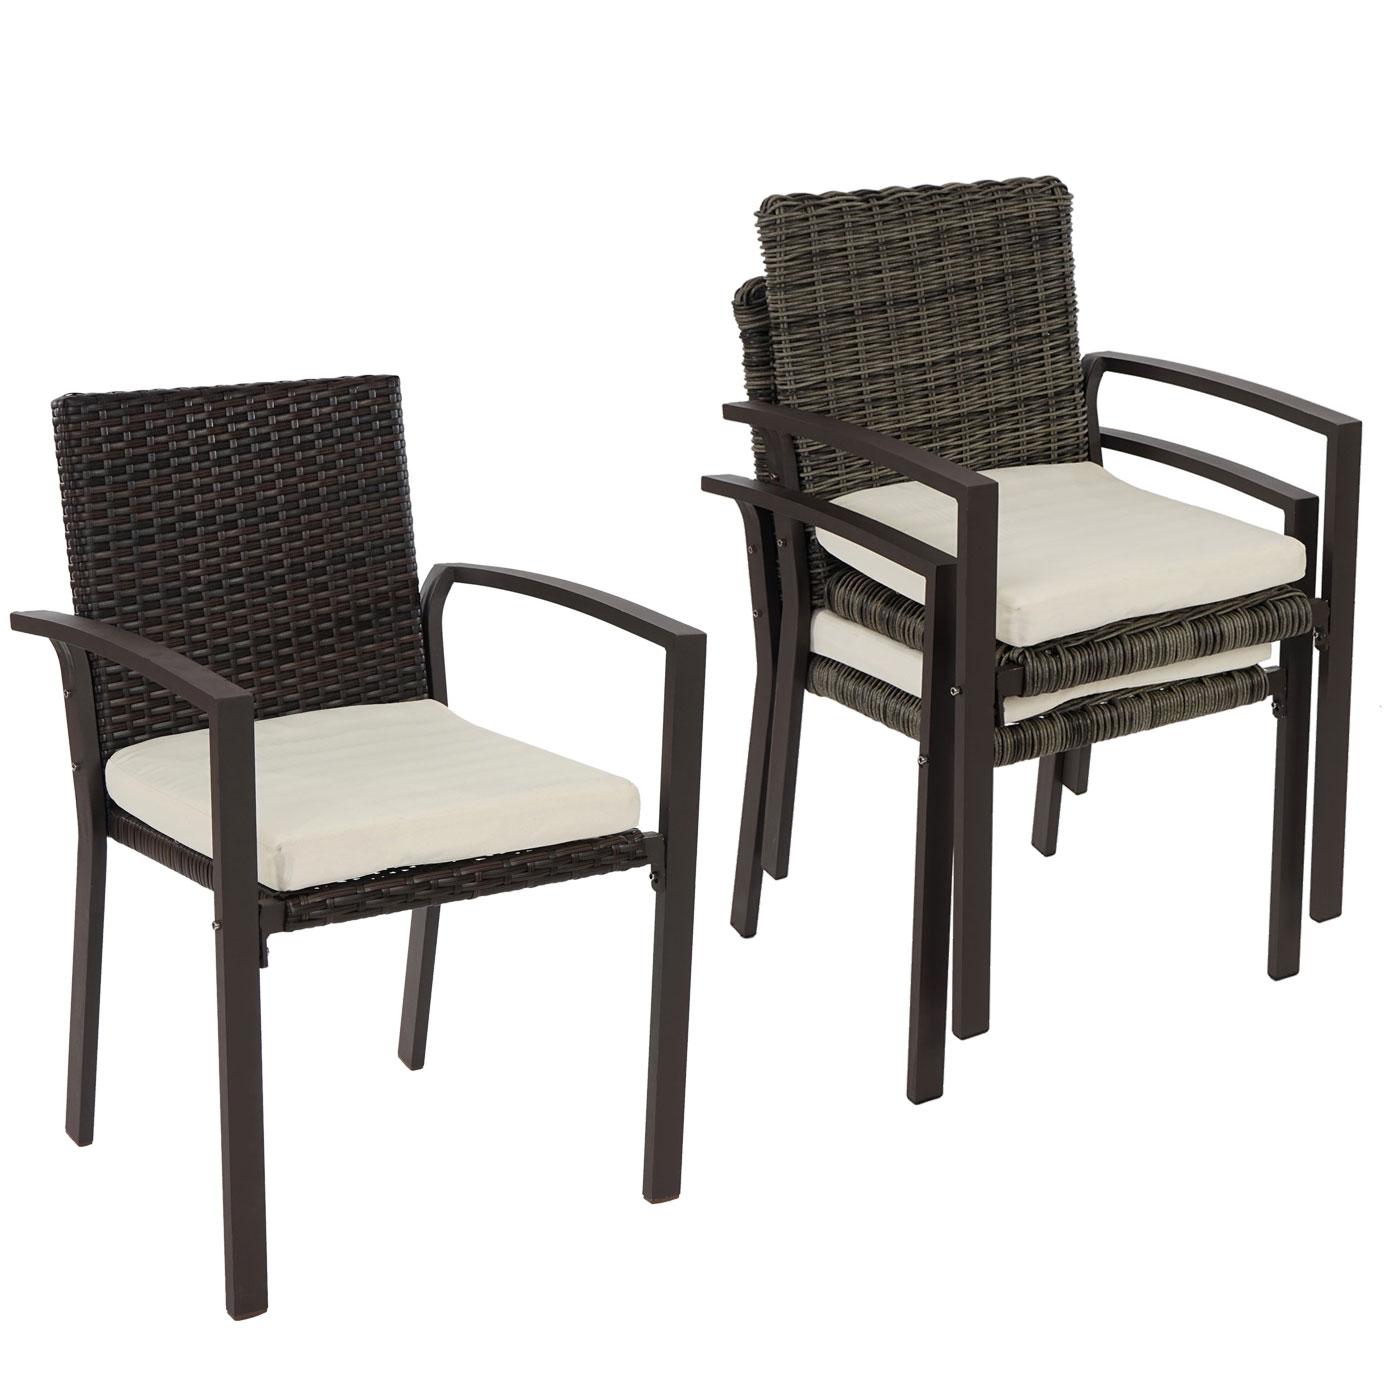 2er oder 4er set poly rattan gartenstuhl palma ii stapelstuhl inkl sitzkissen ebay. Black Bedroom Furniture Sets. Home Design Ideas